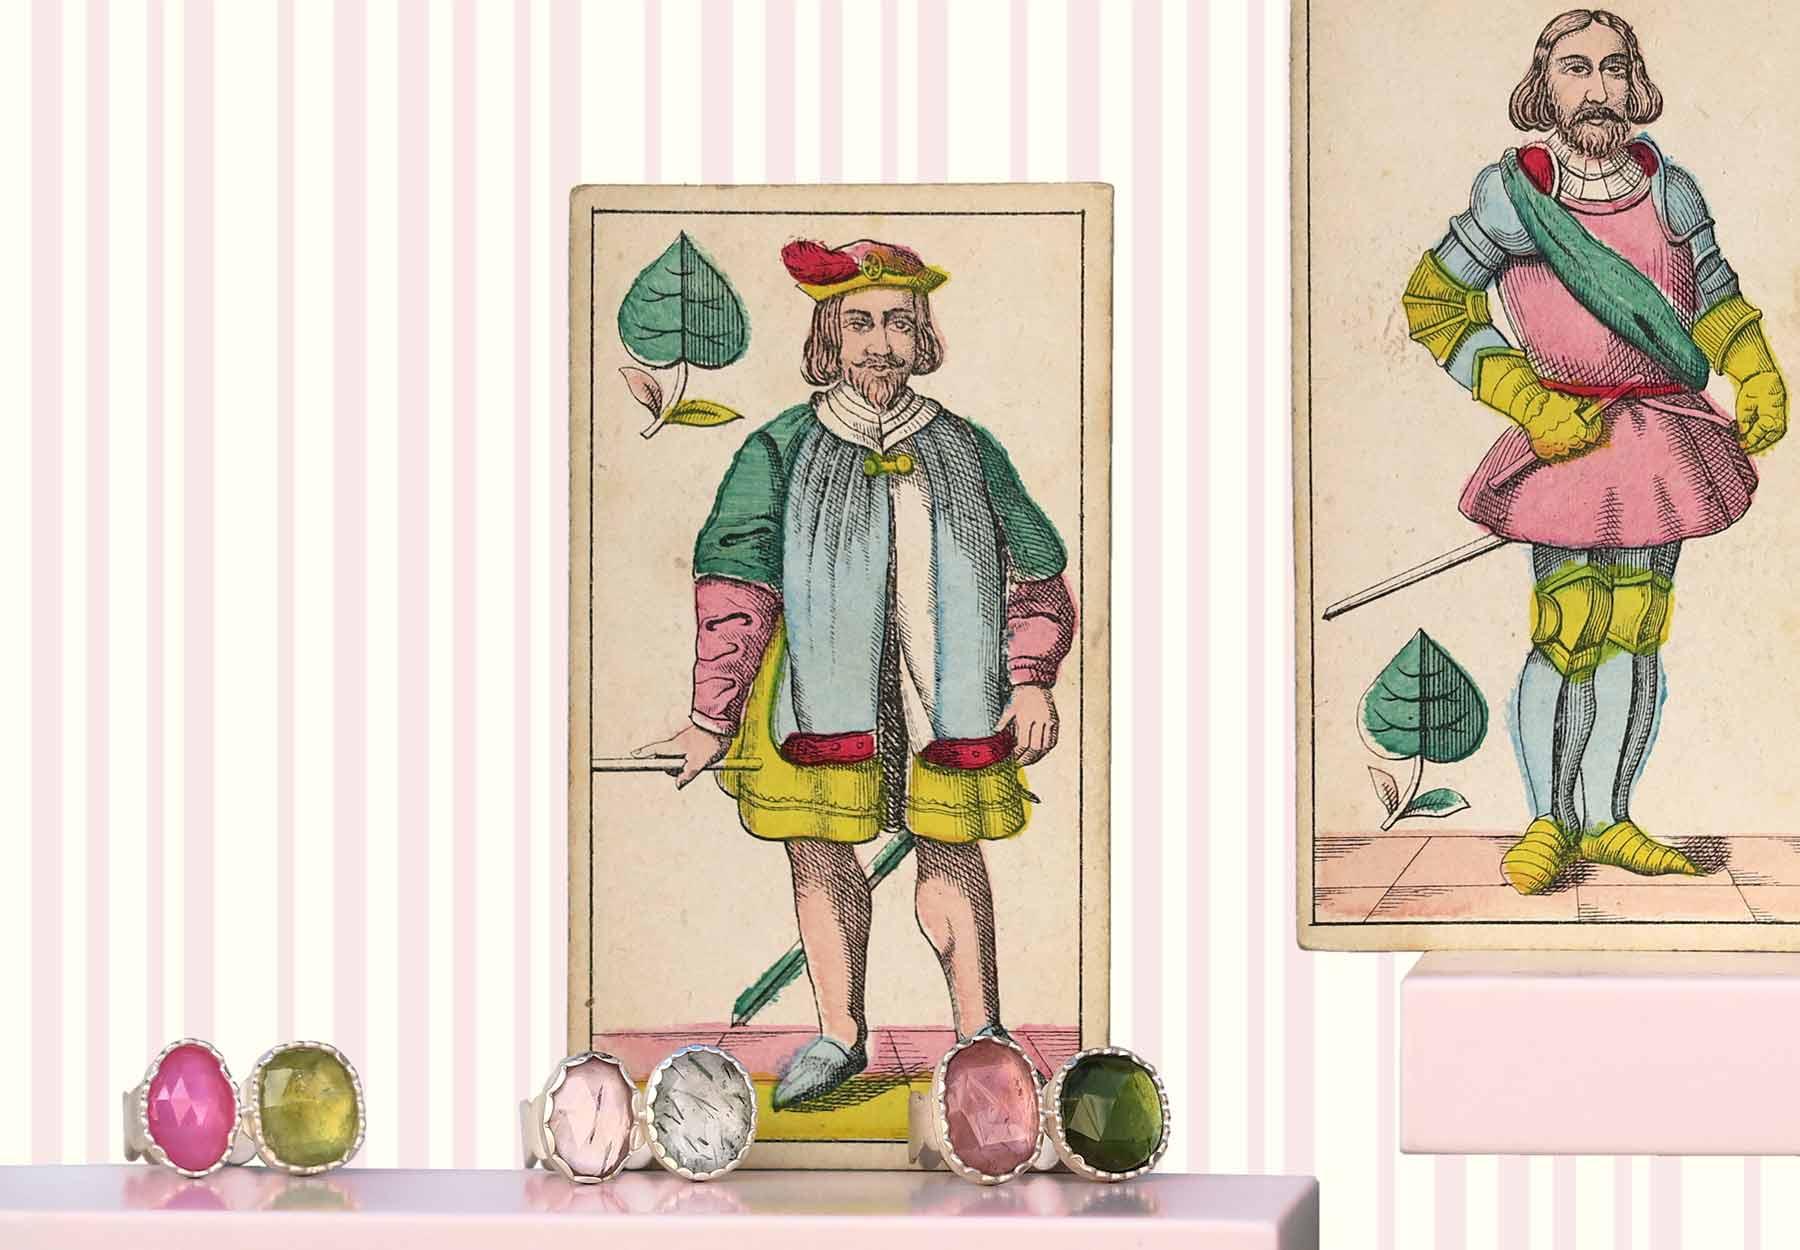 Schmuck Anne von Waechter - Ringe aus Silber mit Turmaline, Rubin, Rutilquarz